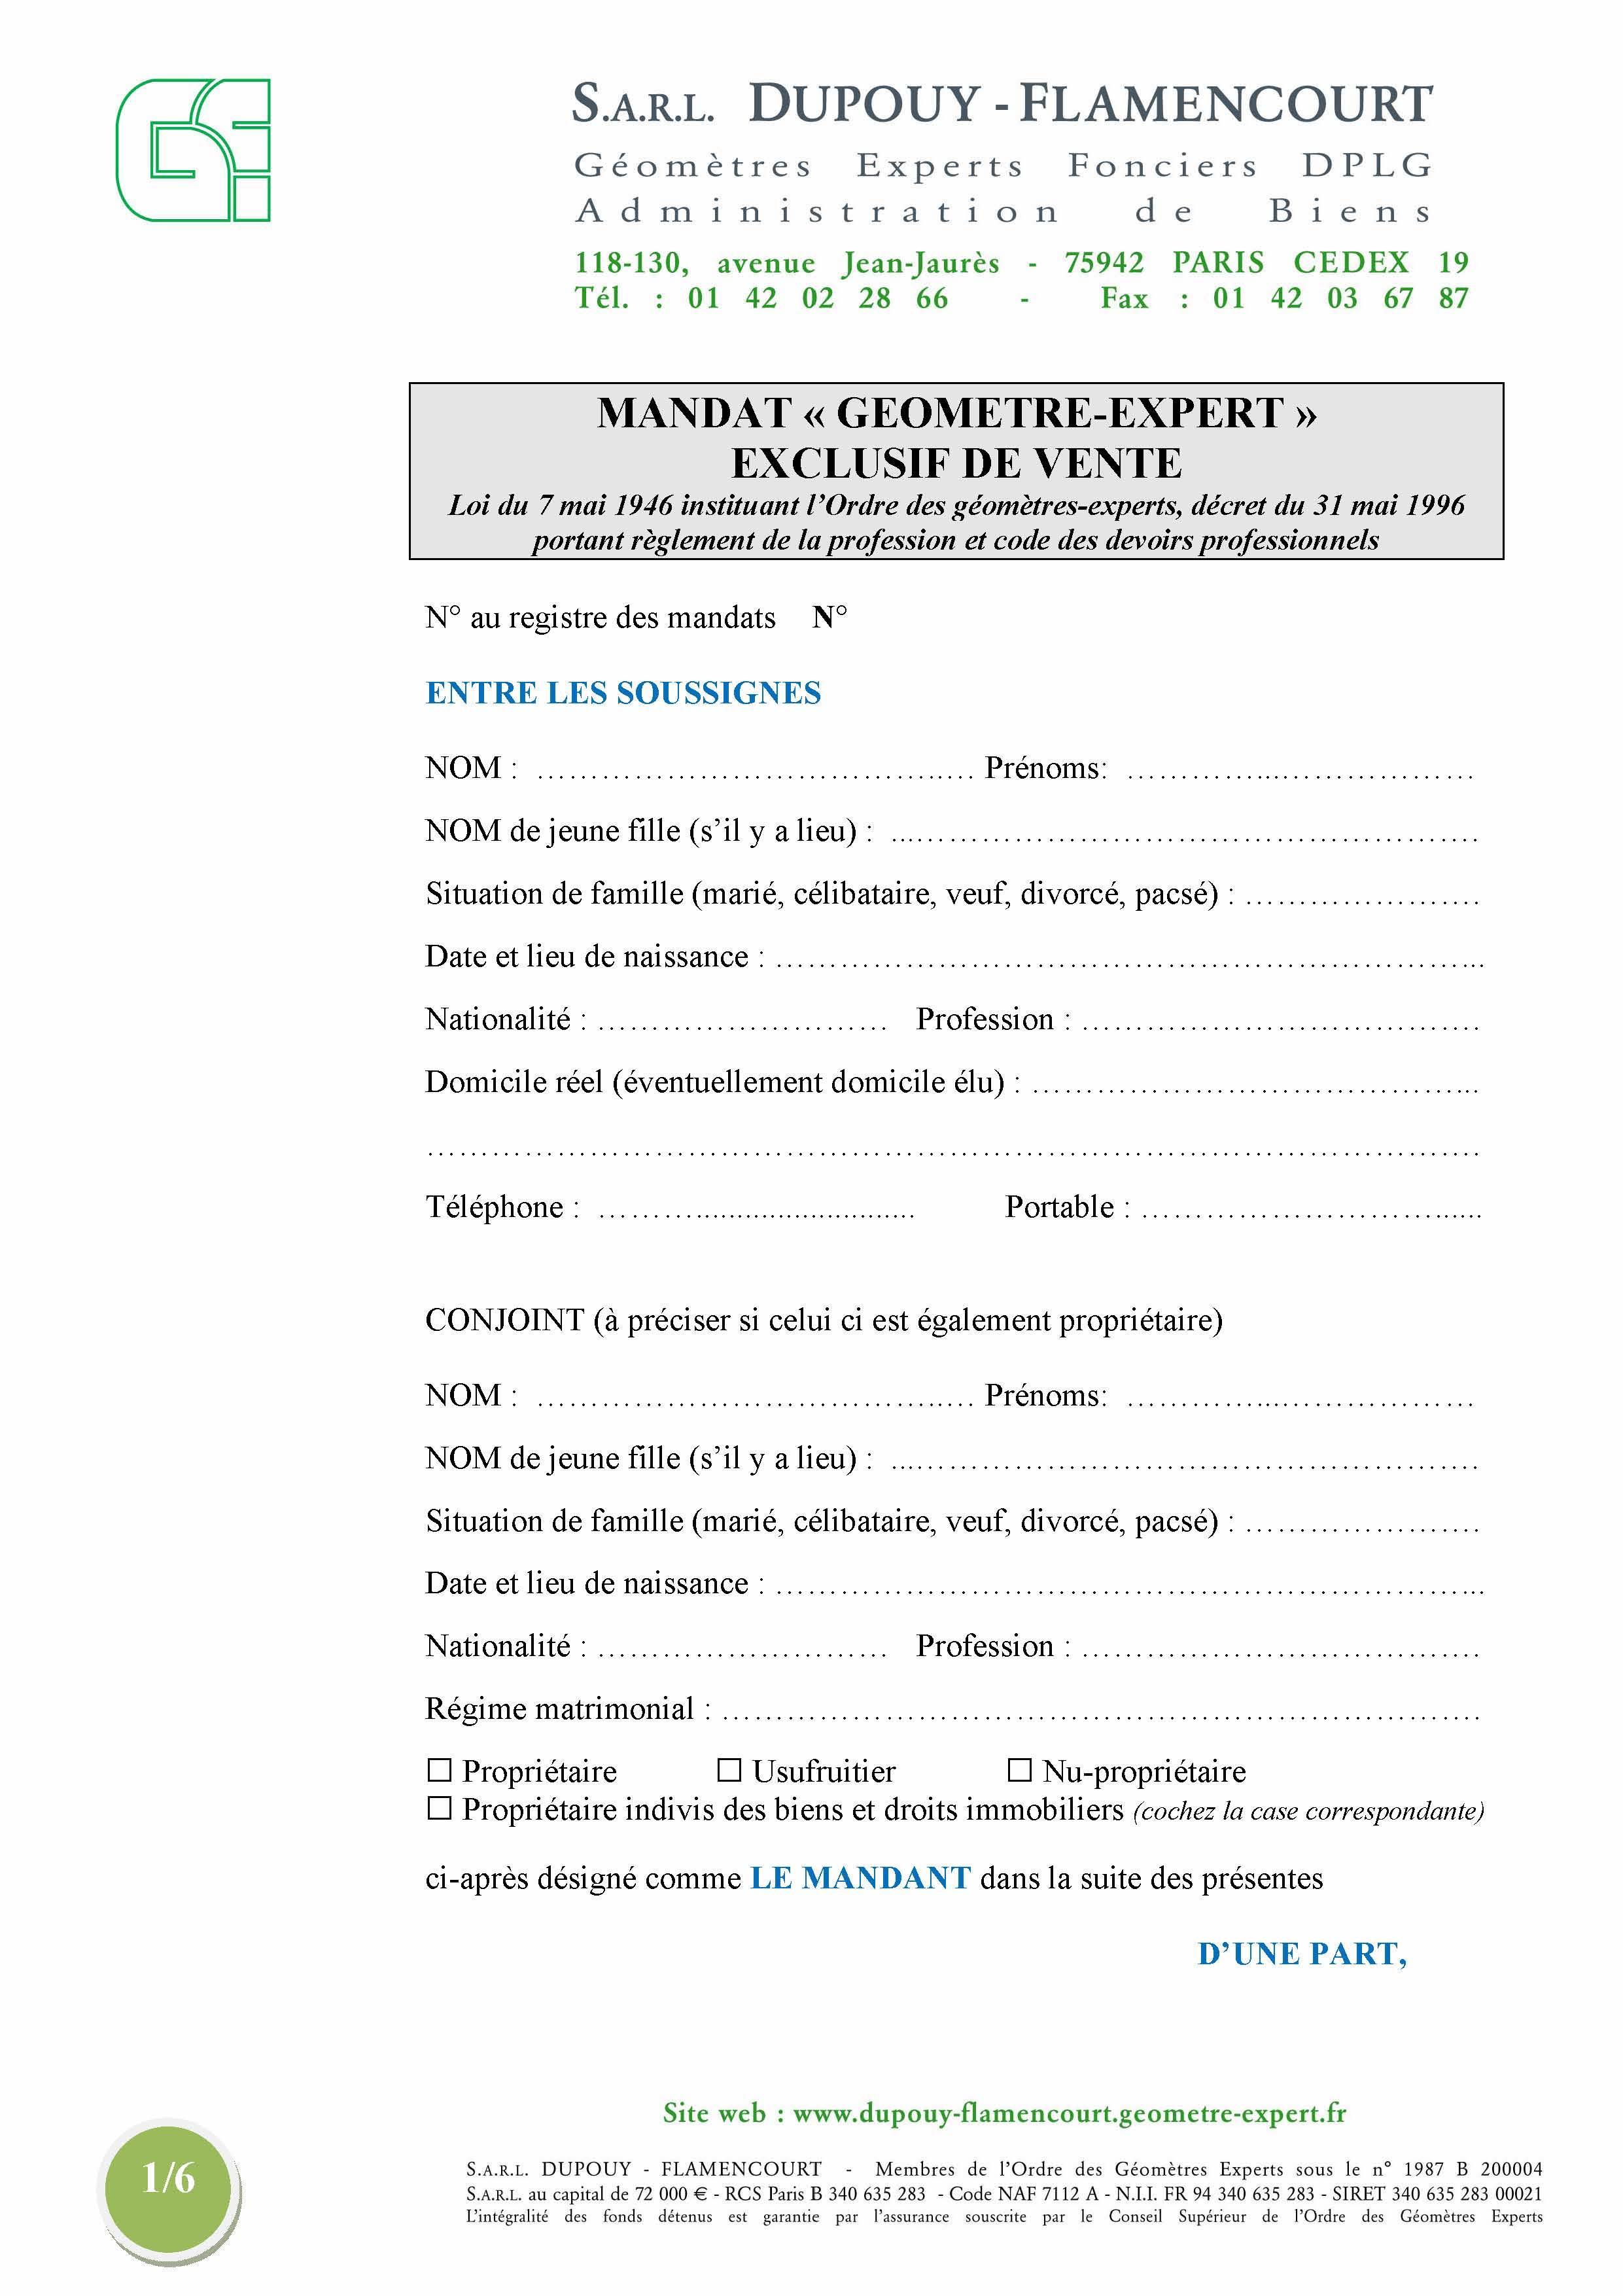 Dupouy flamencourt mandat de vente expert transaction for Acompte achat maison